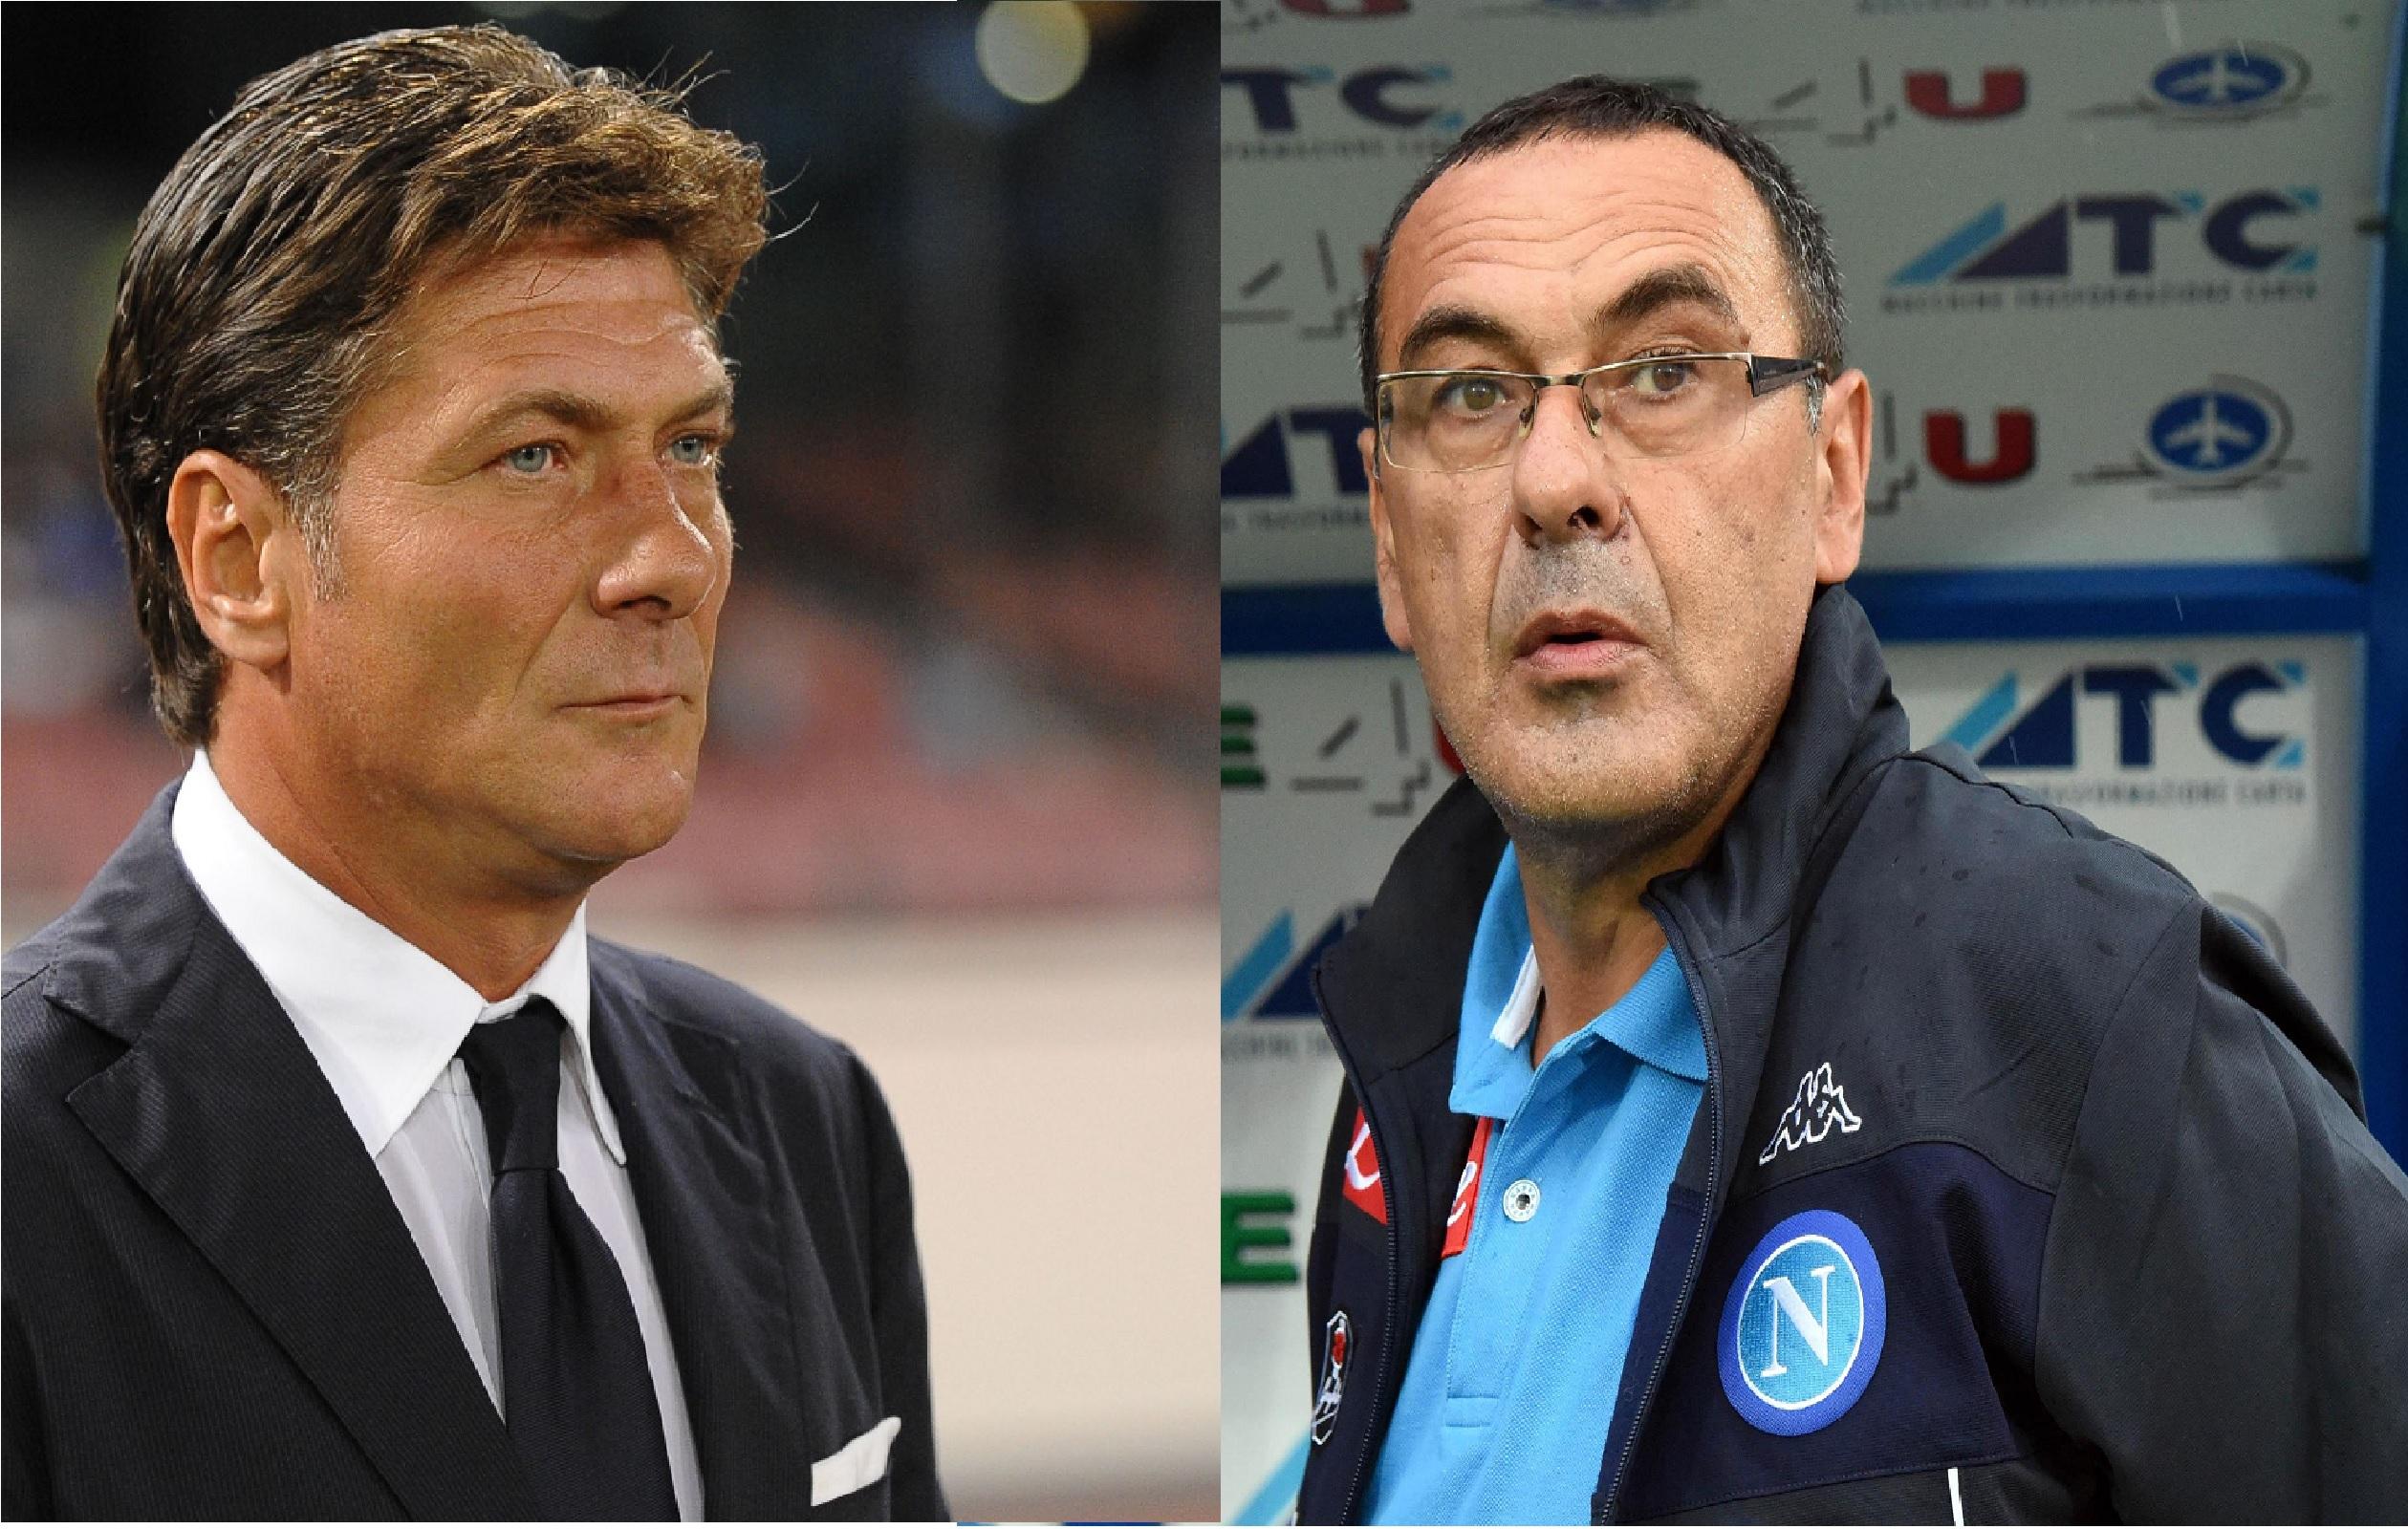 Il Villarreal, come nel 2011. Allora il Napoli perse «Filippo e il panaro», oggi Sarri sa che vincere aiuta a vincere